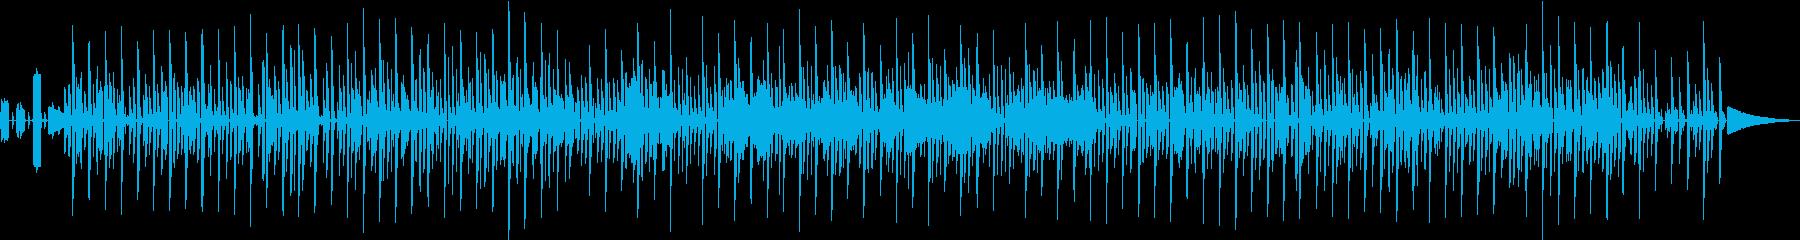 クラシックなゲームのBGM風の再生済みの波形